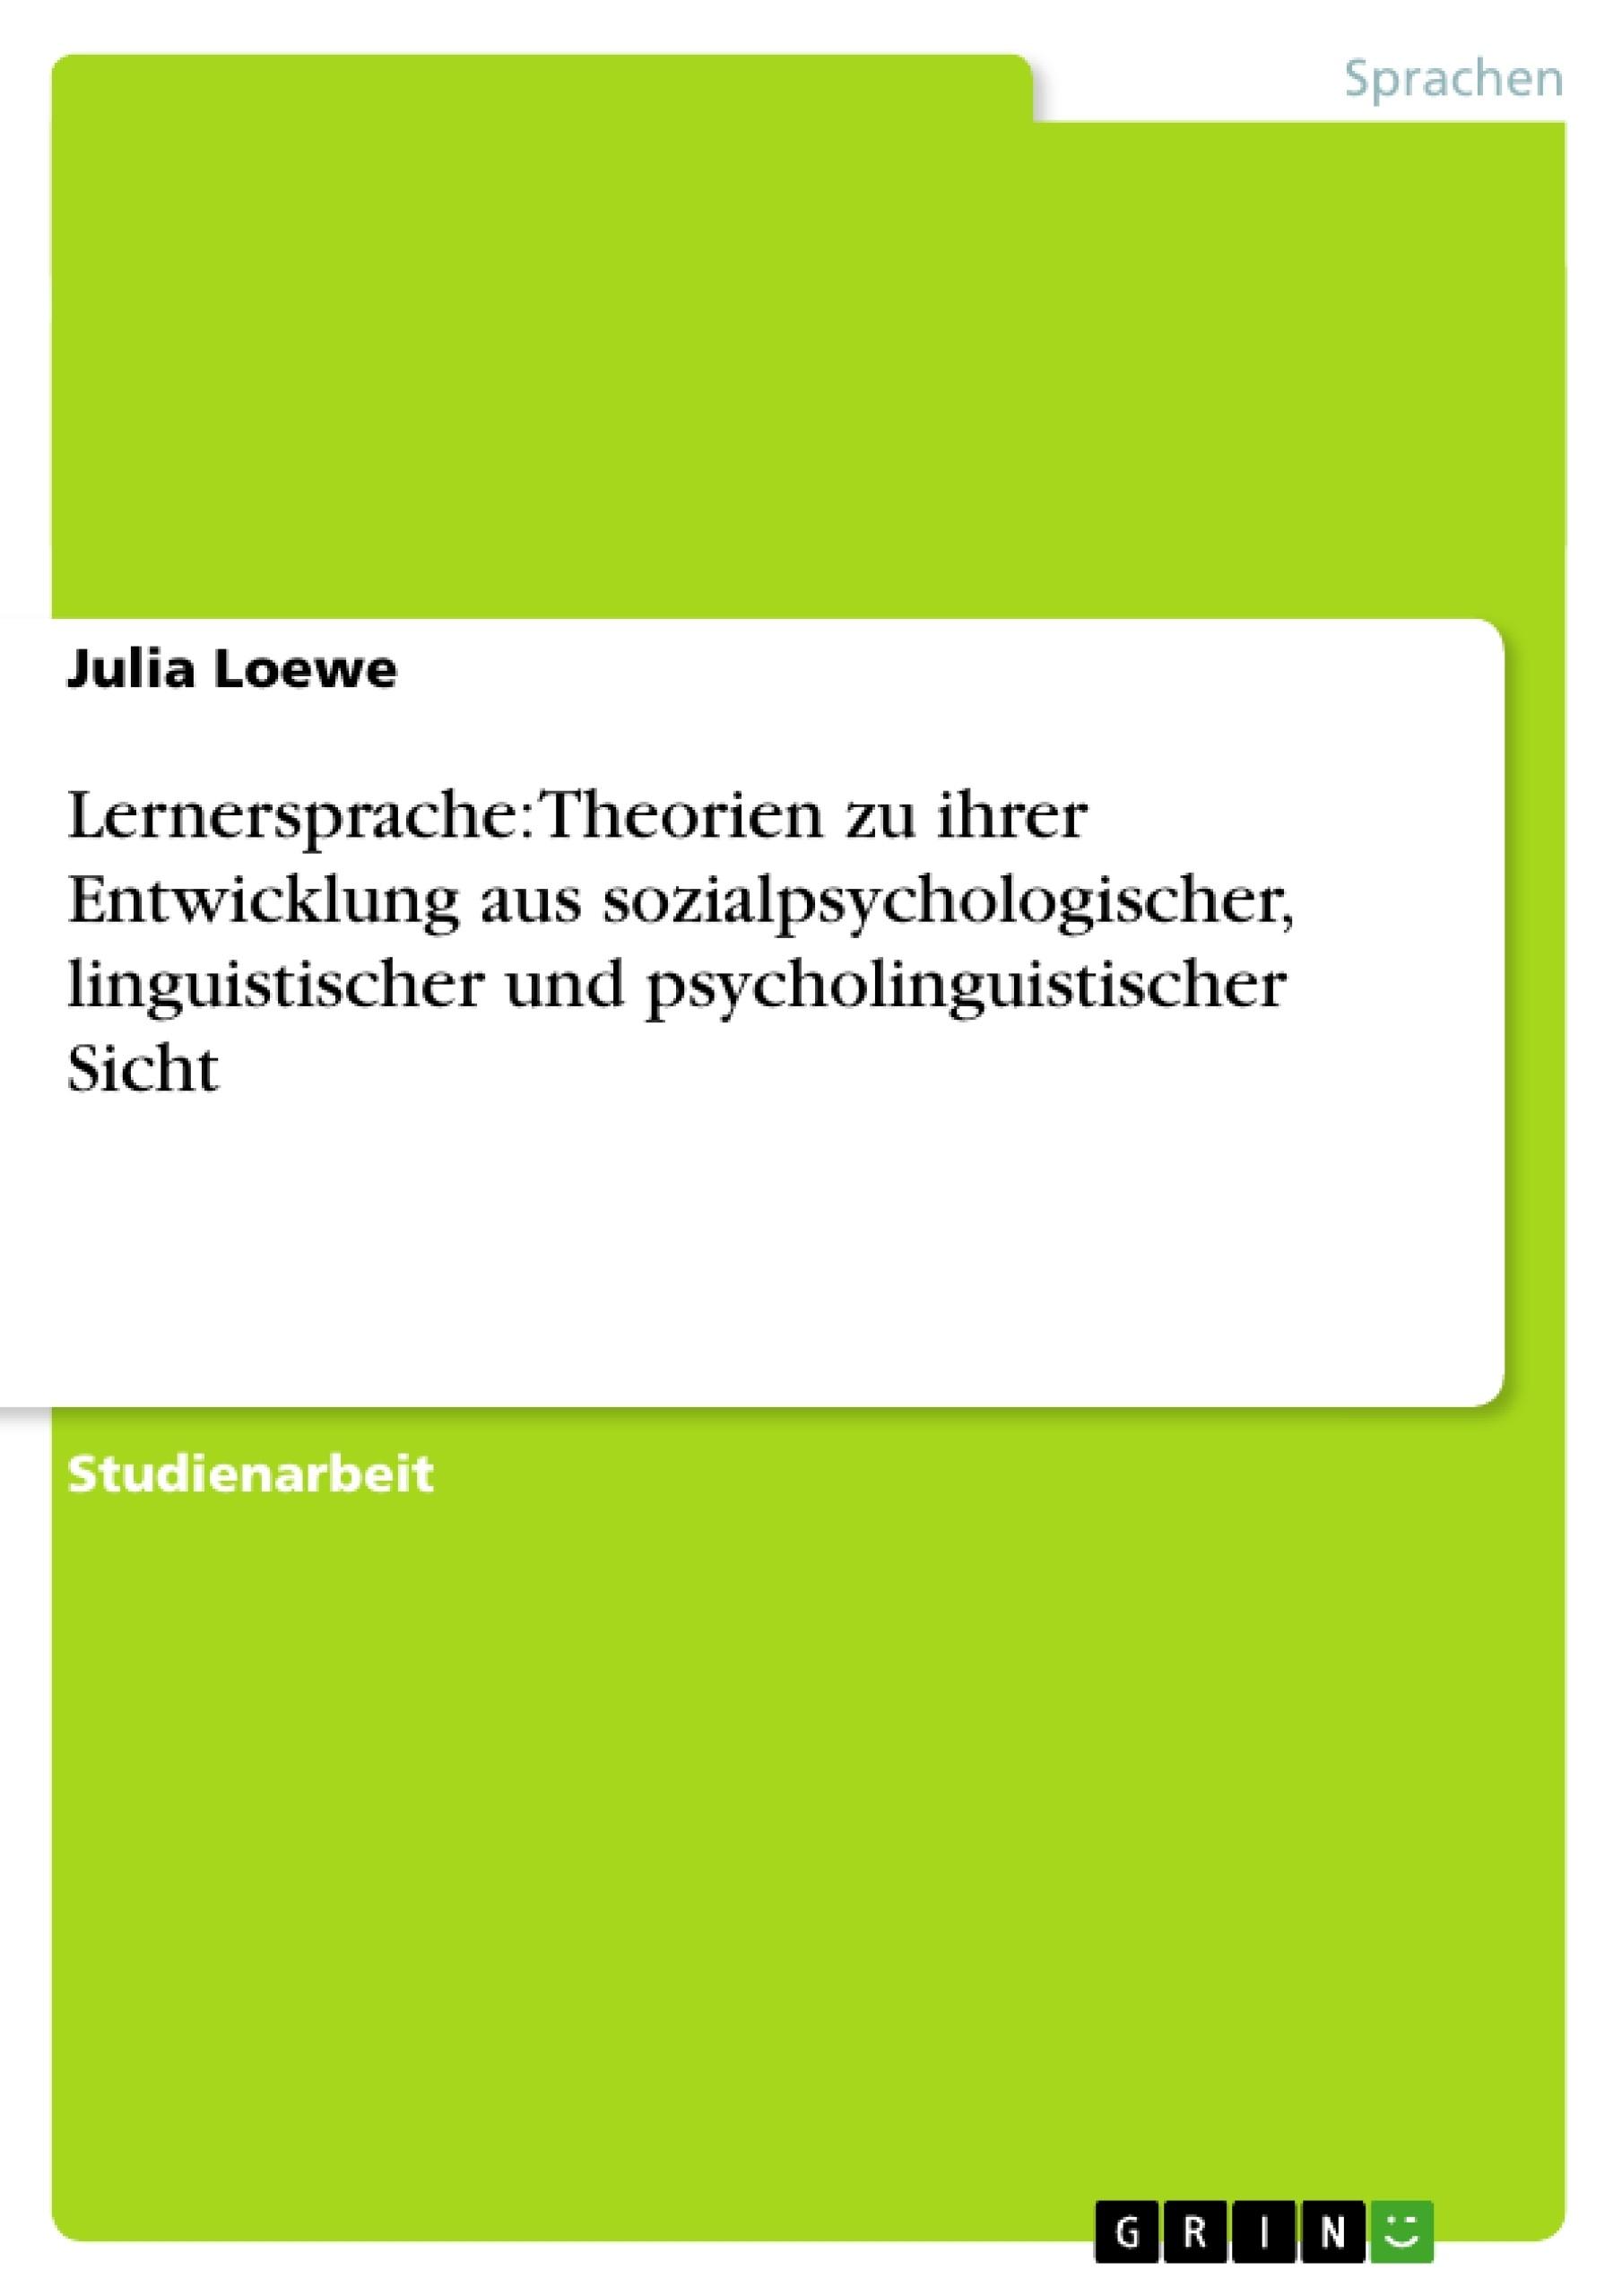 Titel: Lernersprache: Theorien zu ihrer Entwicklung aus sozialpsychologischer, linguistischer und psycholinguistischer Sicht